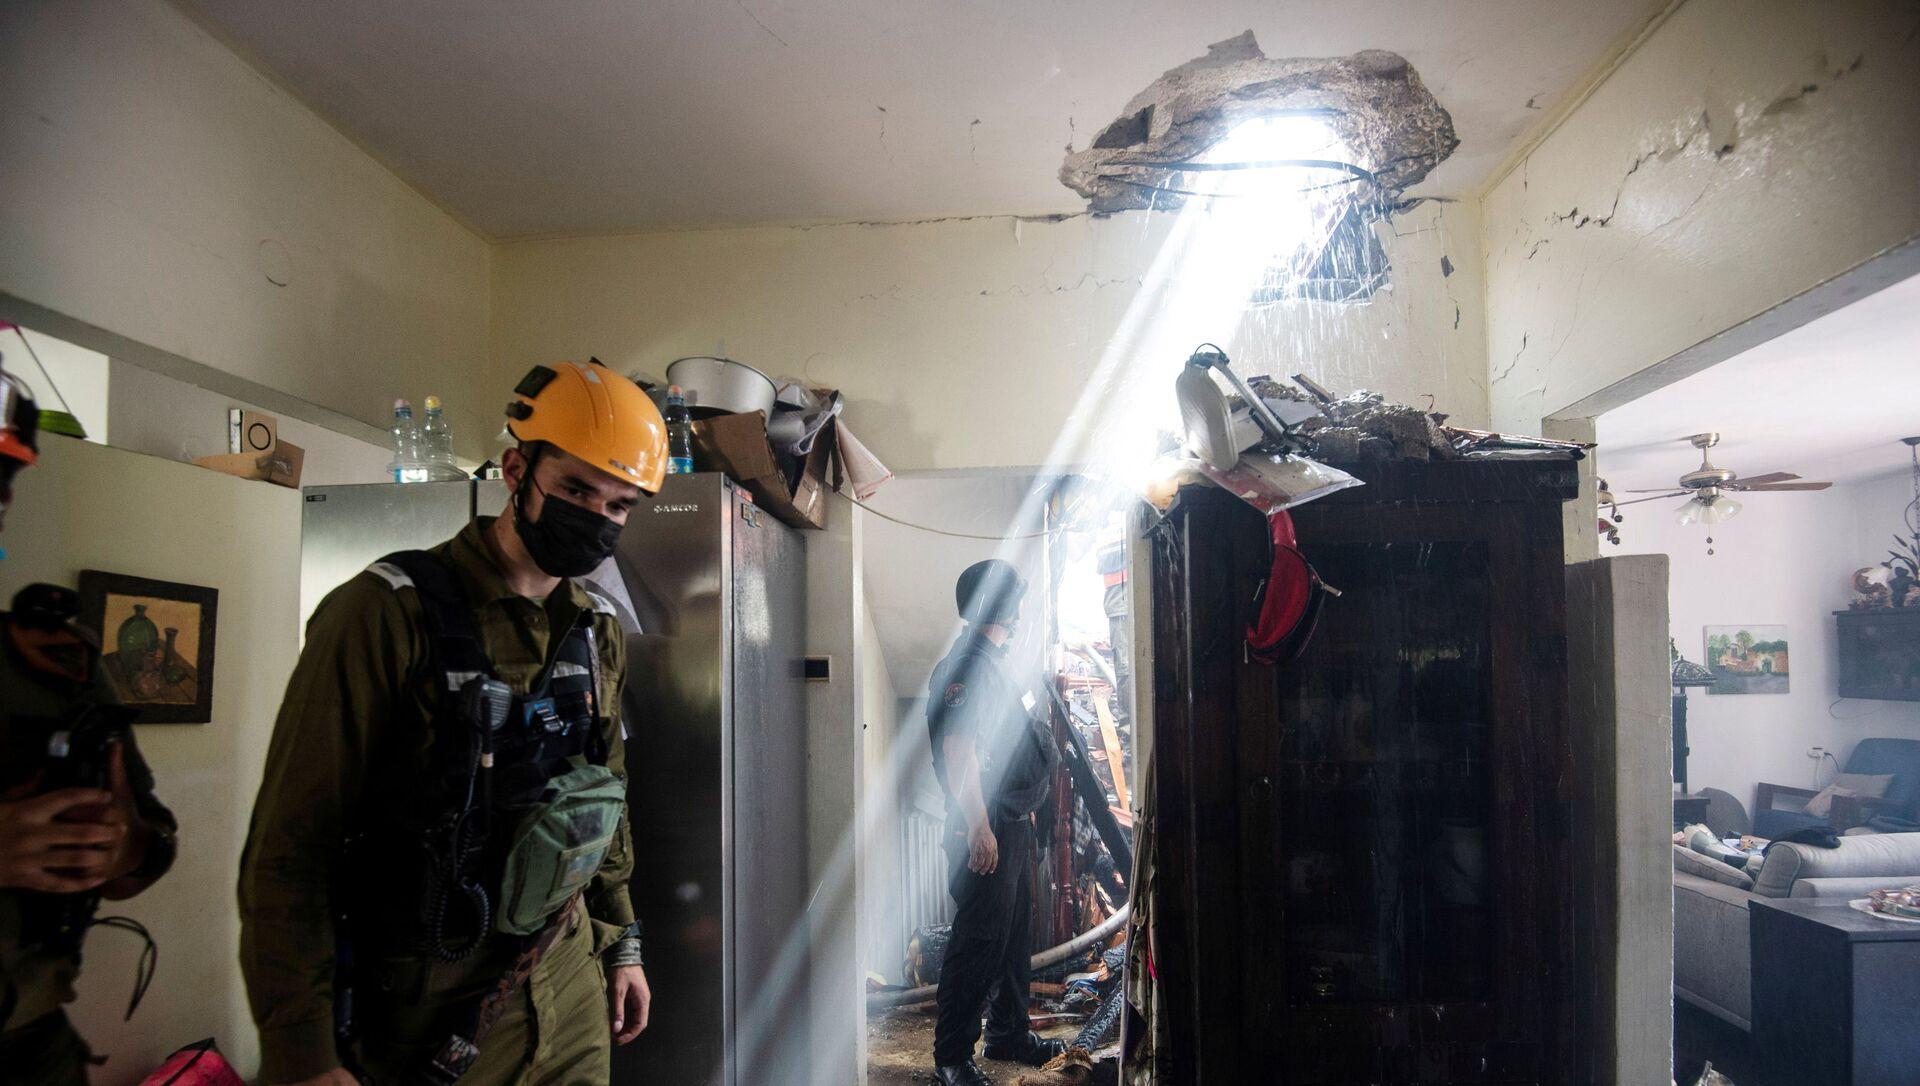 Солдаты работают у здания, поврежденного ракетой, запущенной из сектора Газа, в Ашдоде, на юге Израиля - Sputnik Italia, 1920, 14.05.2021